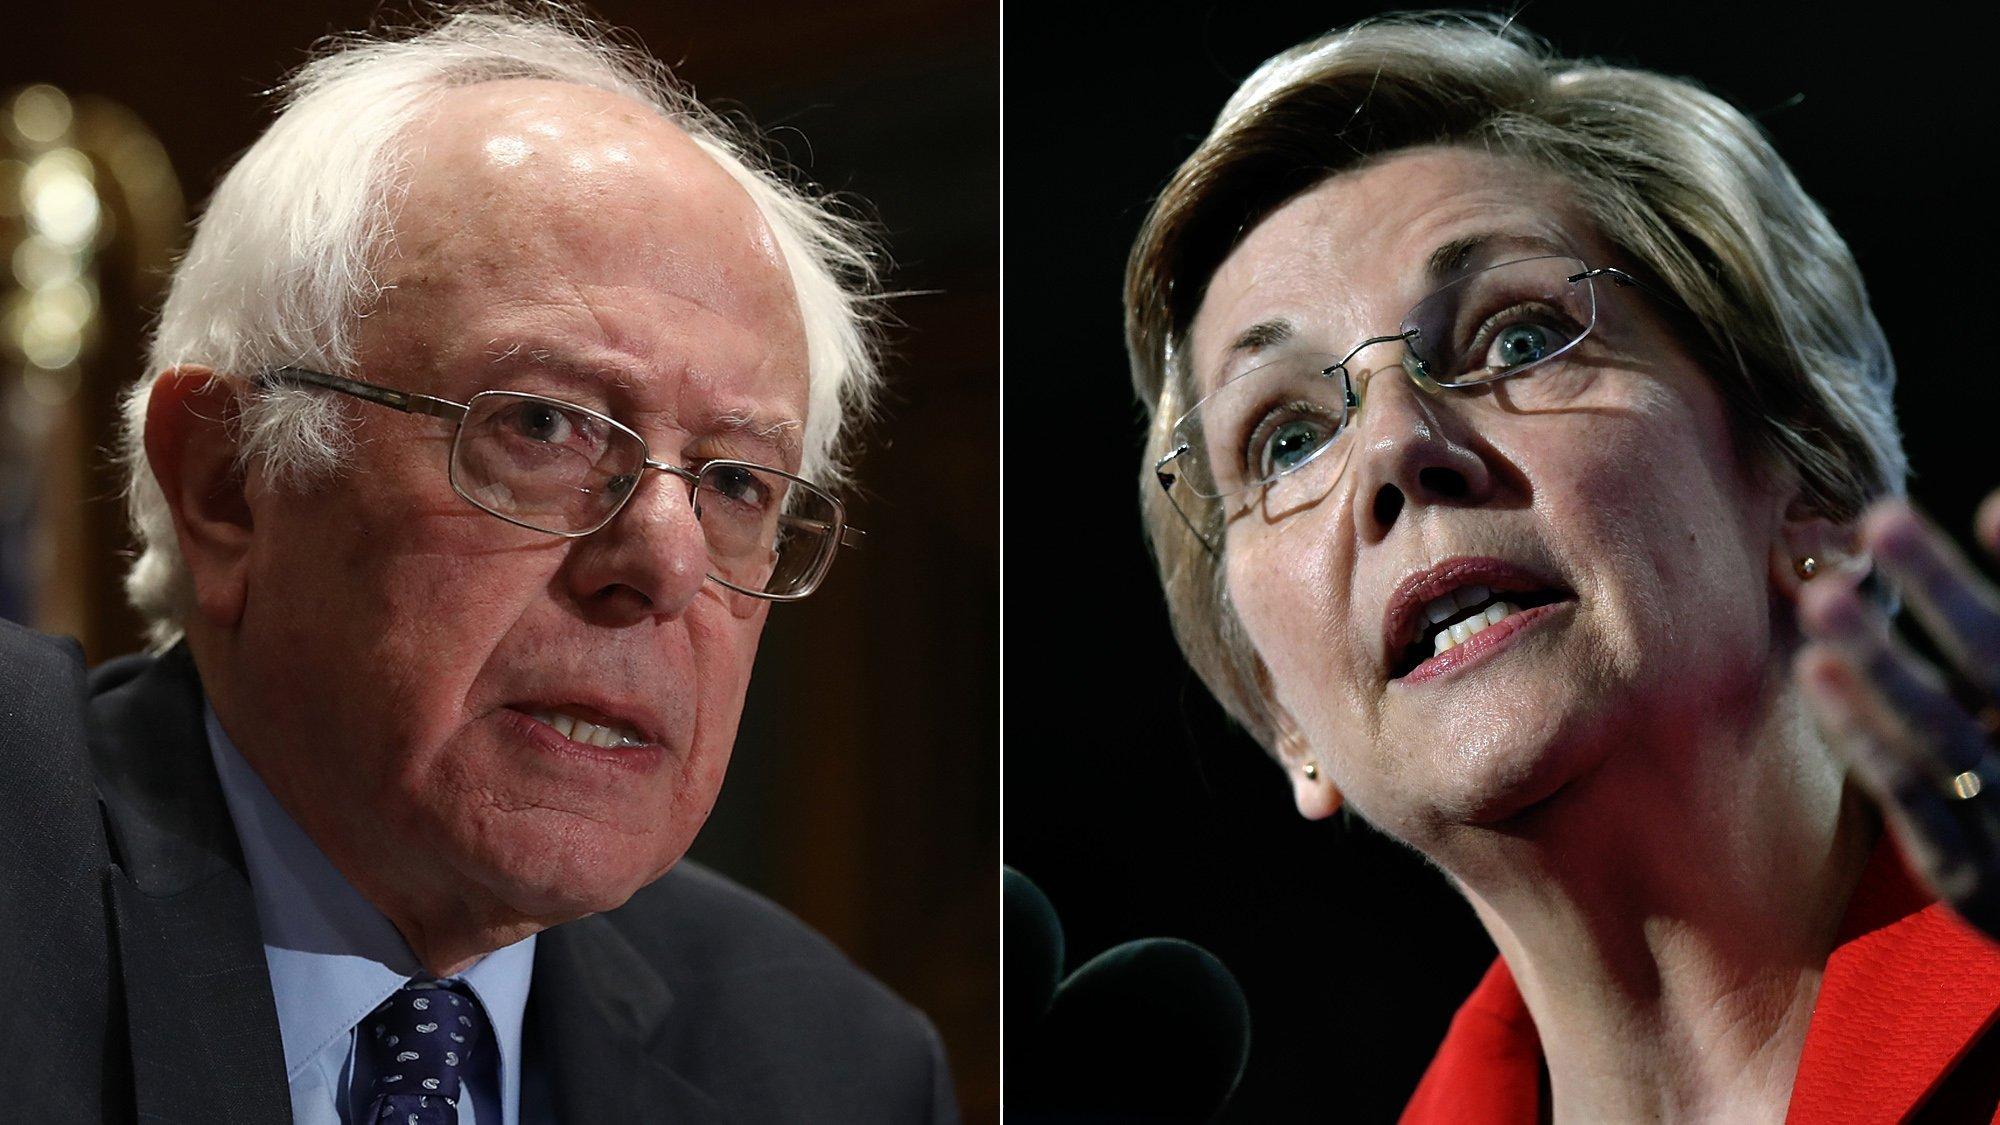 Elizabeth Warren and Bernie Sanders are building very different progressive coalitions